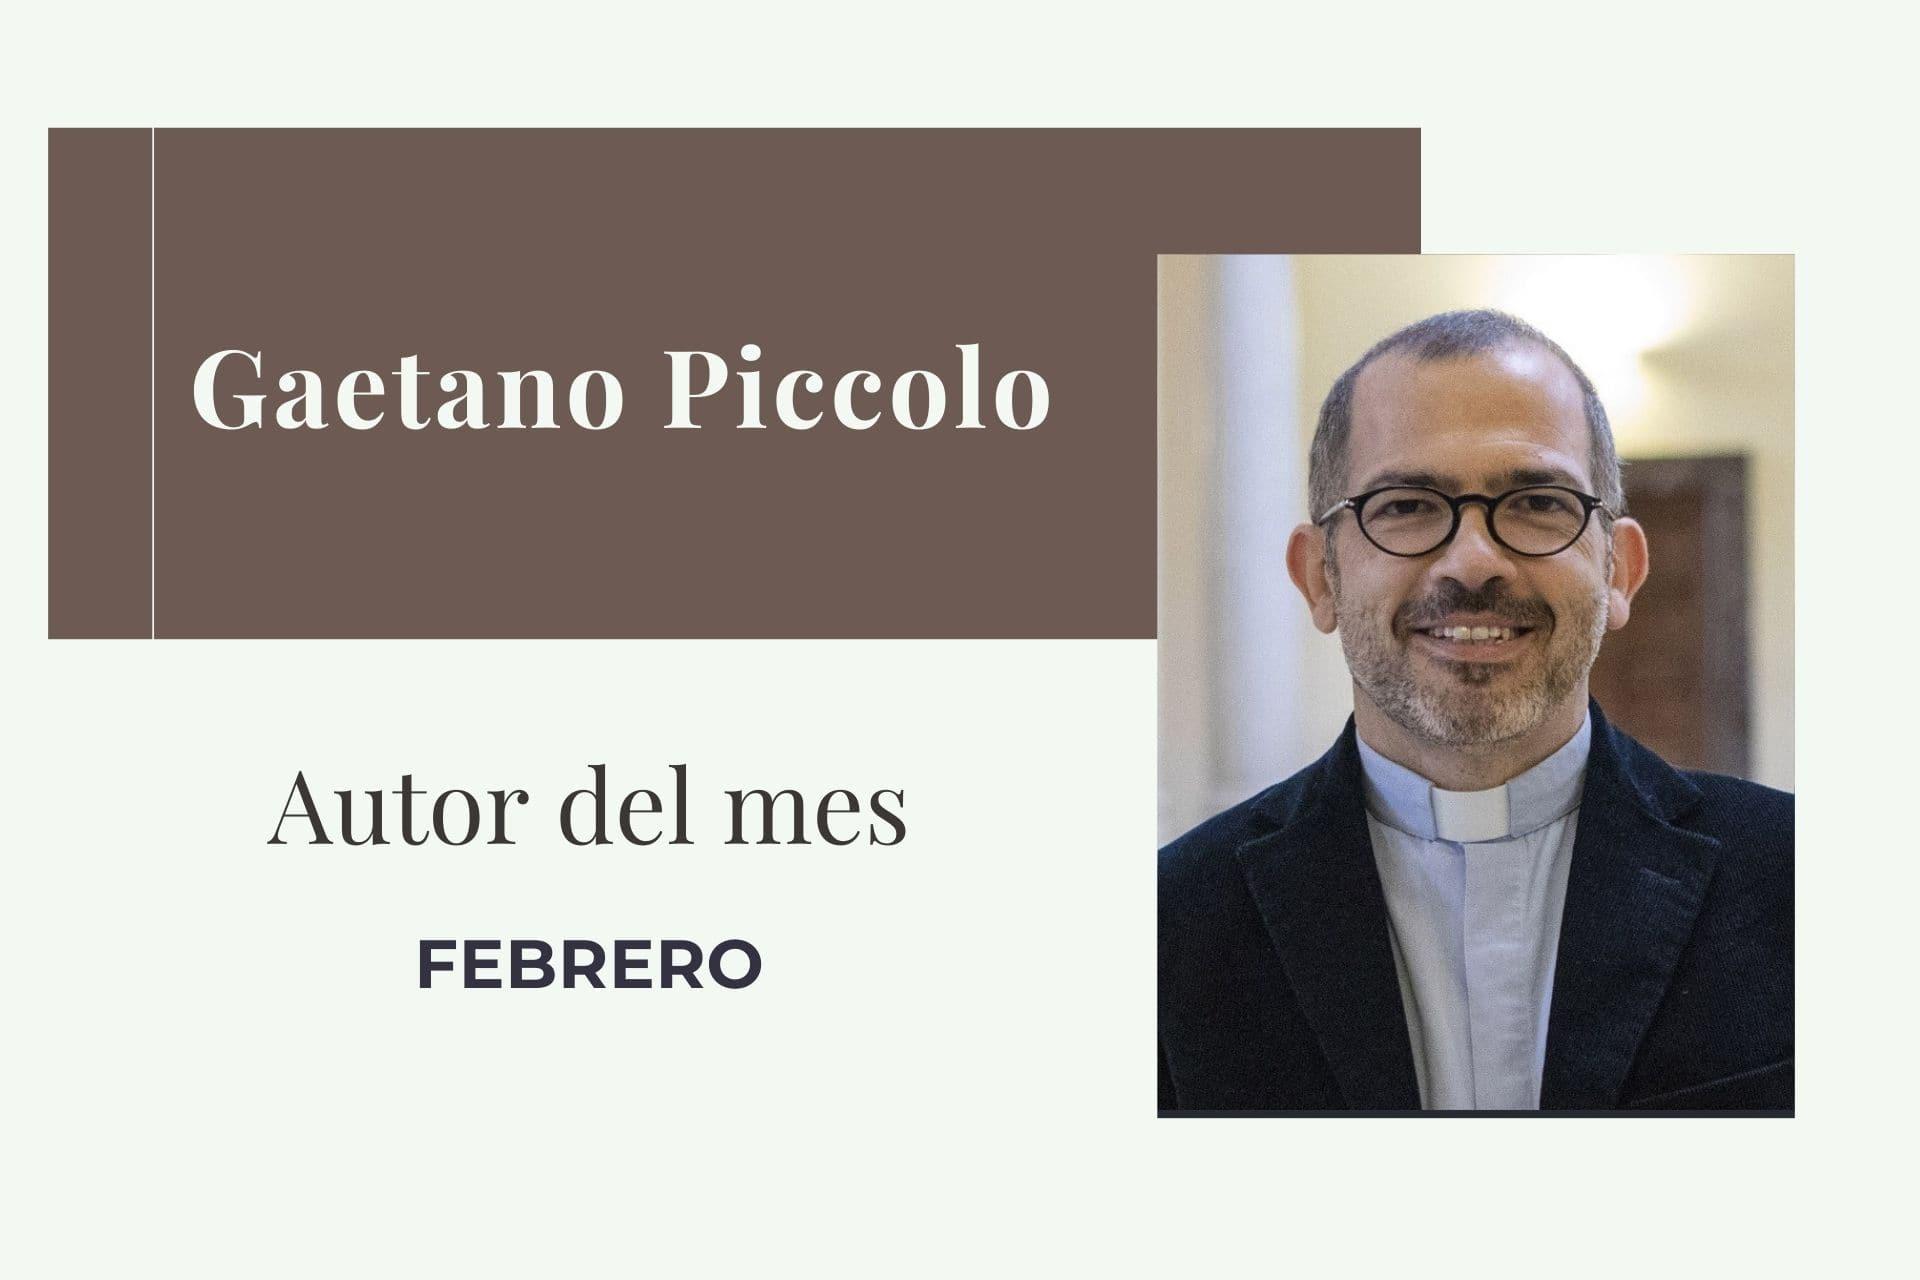 Gaetano Piccolo